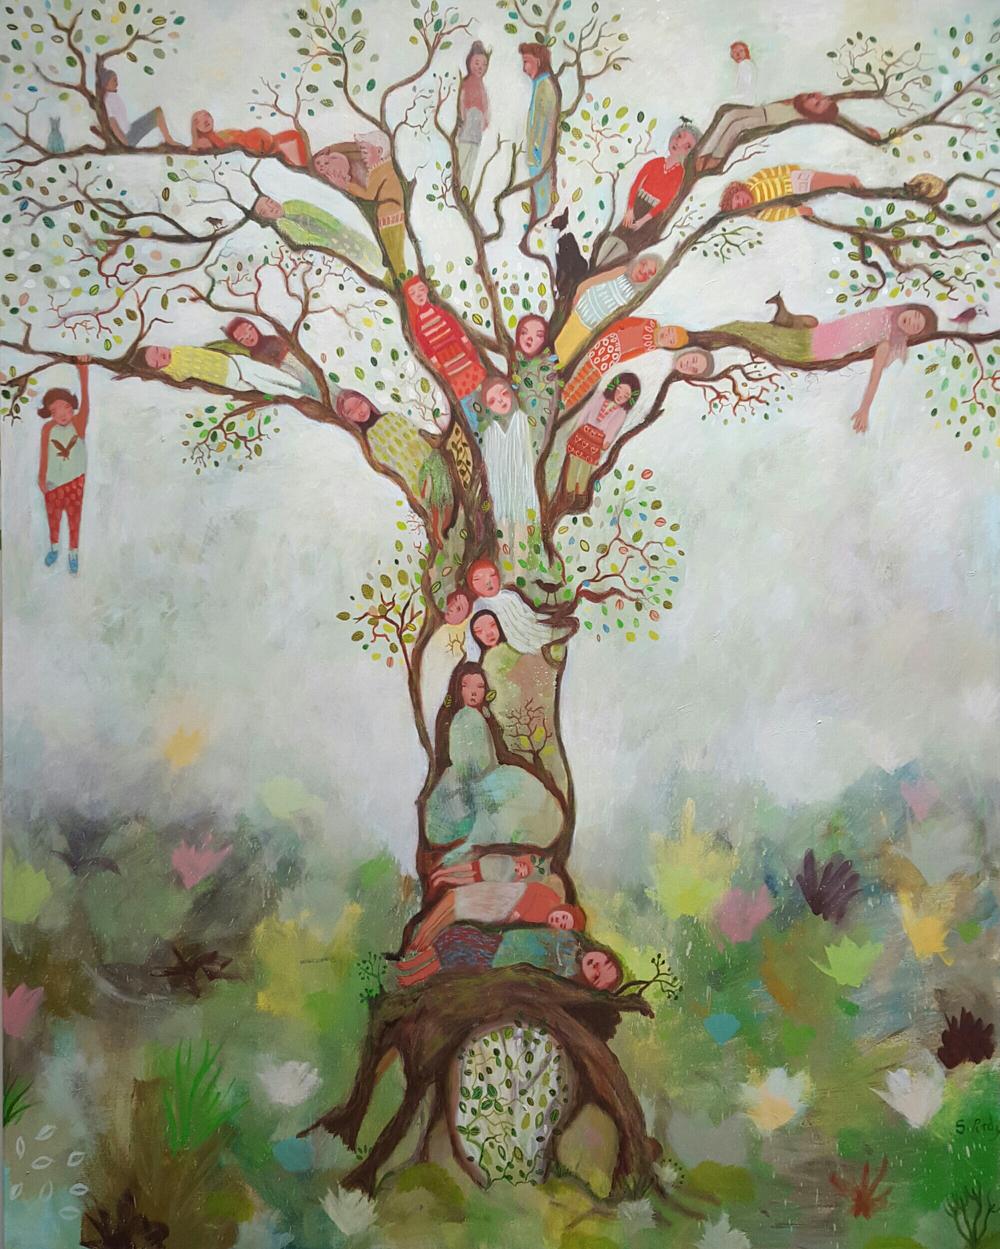 Siobhan Purdy 'Dreamaway Tree'